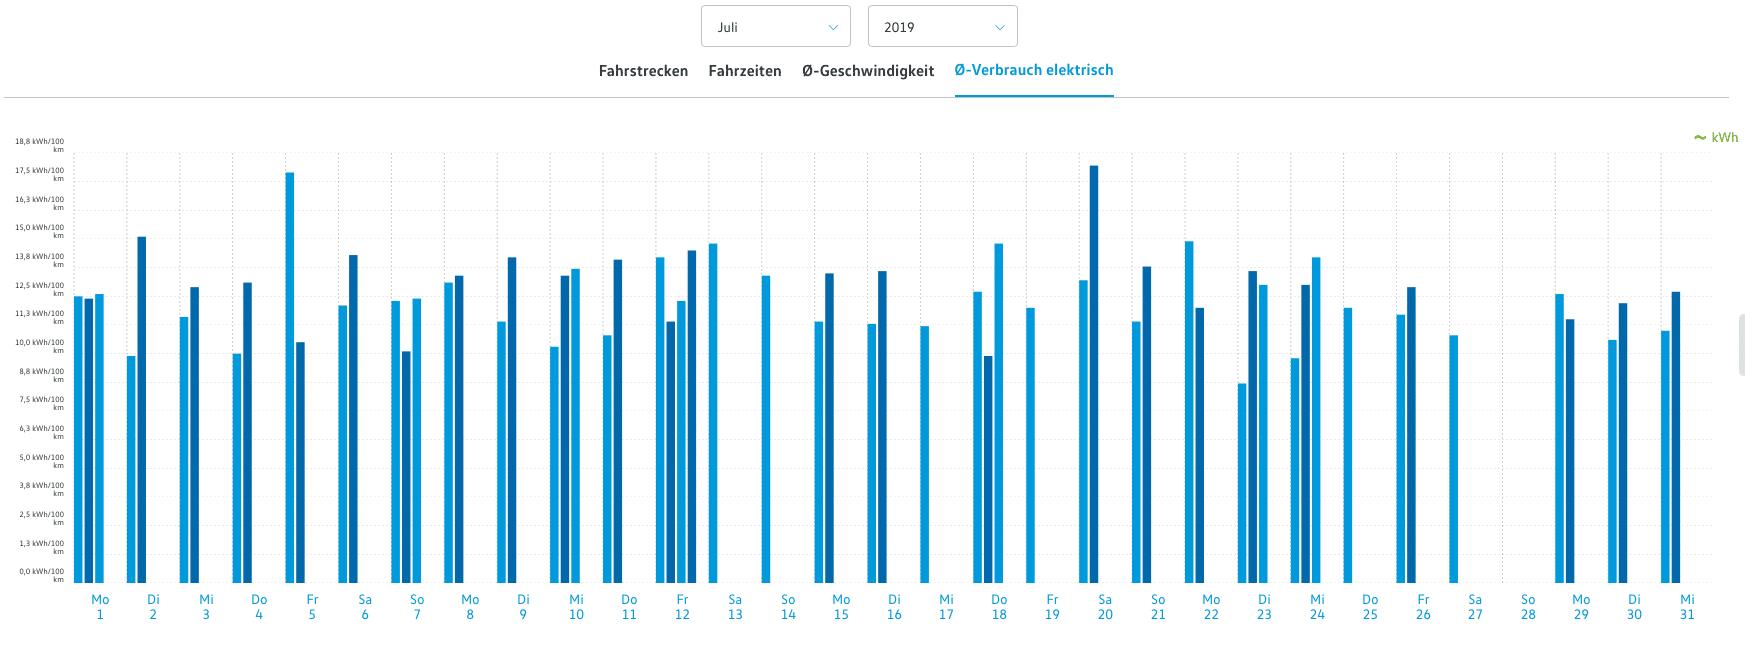 e-Golf Durchschnittsverbrauch im Sommer